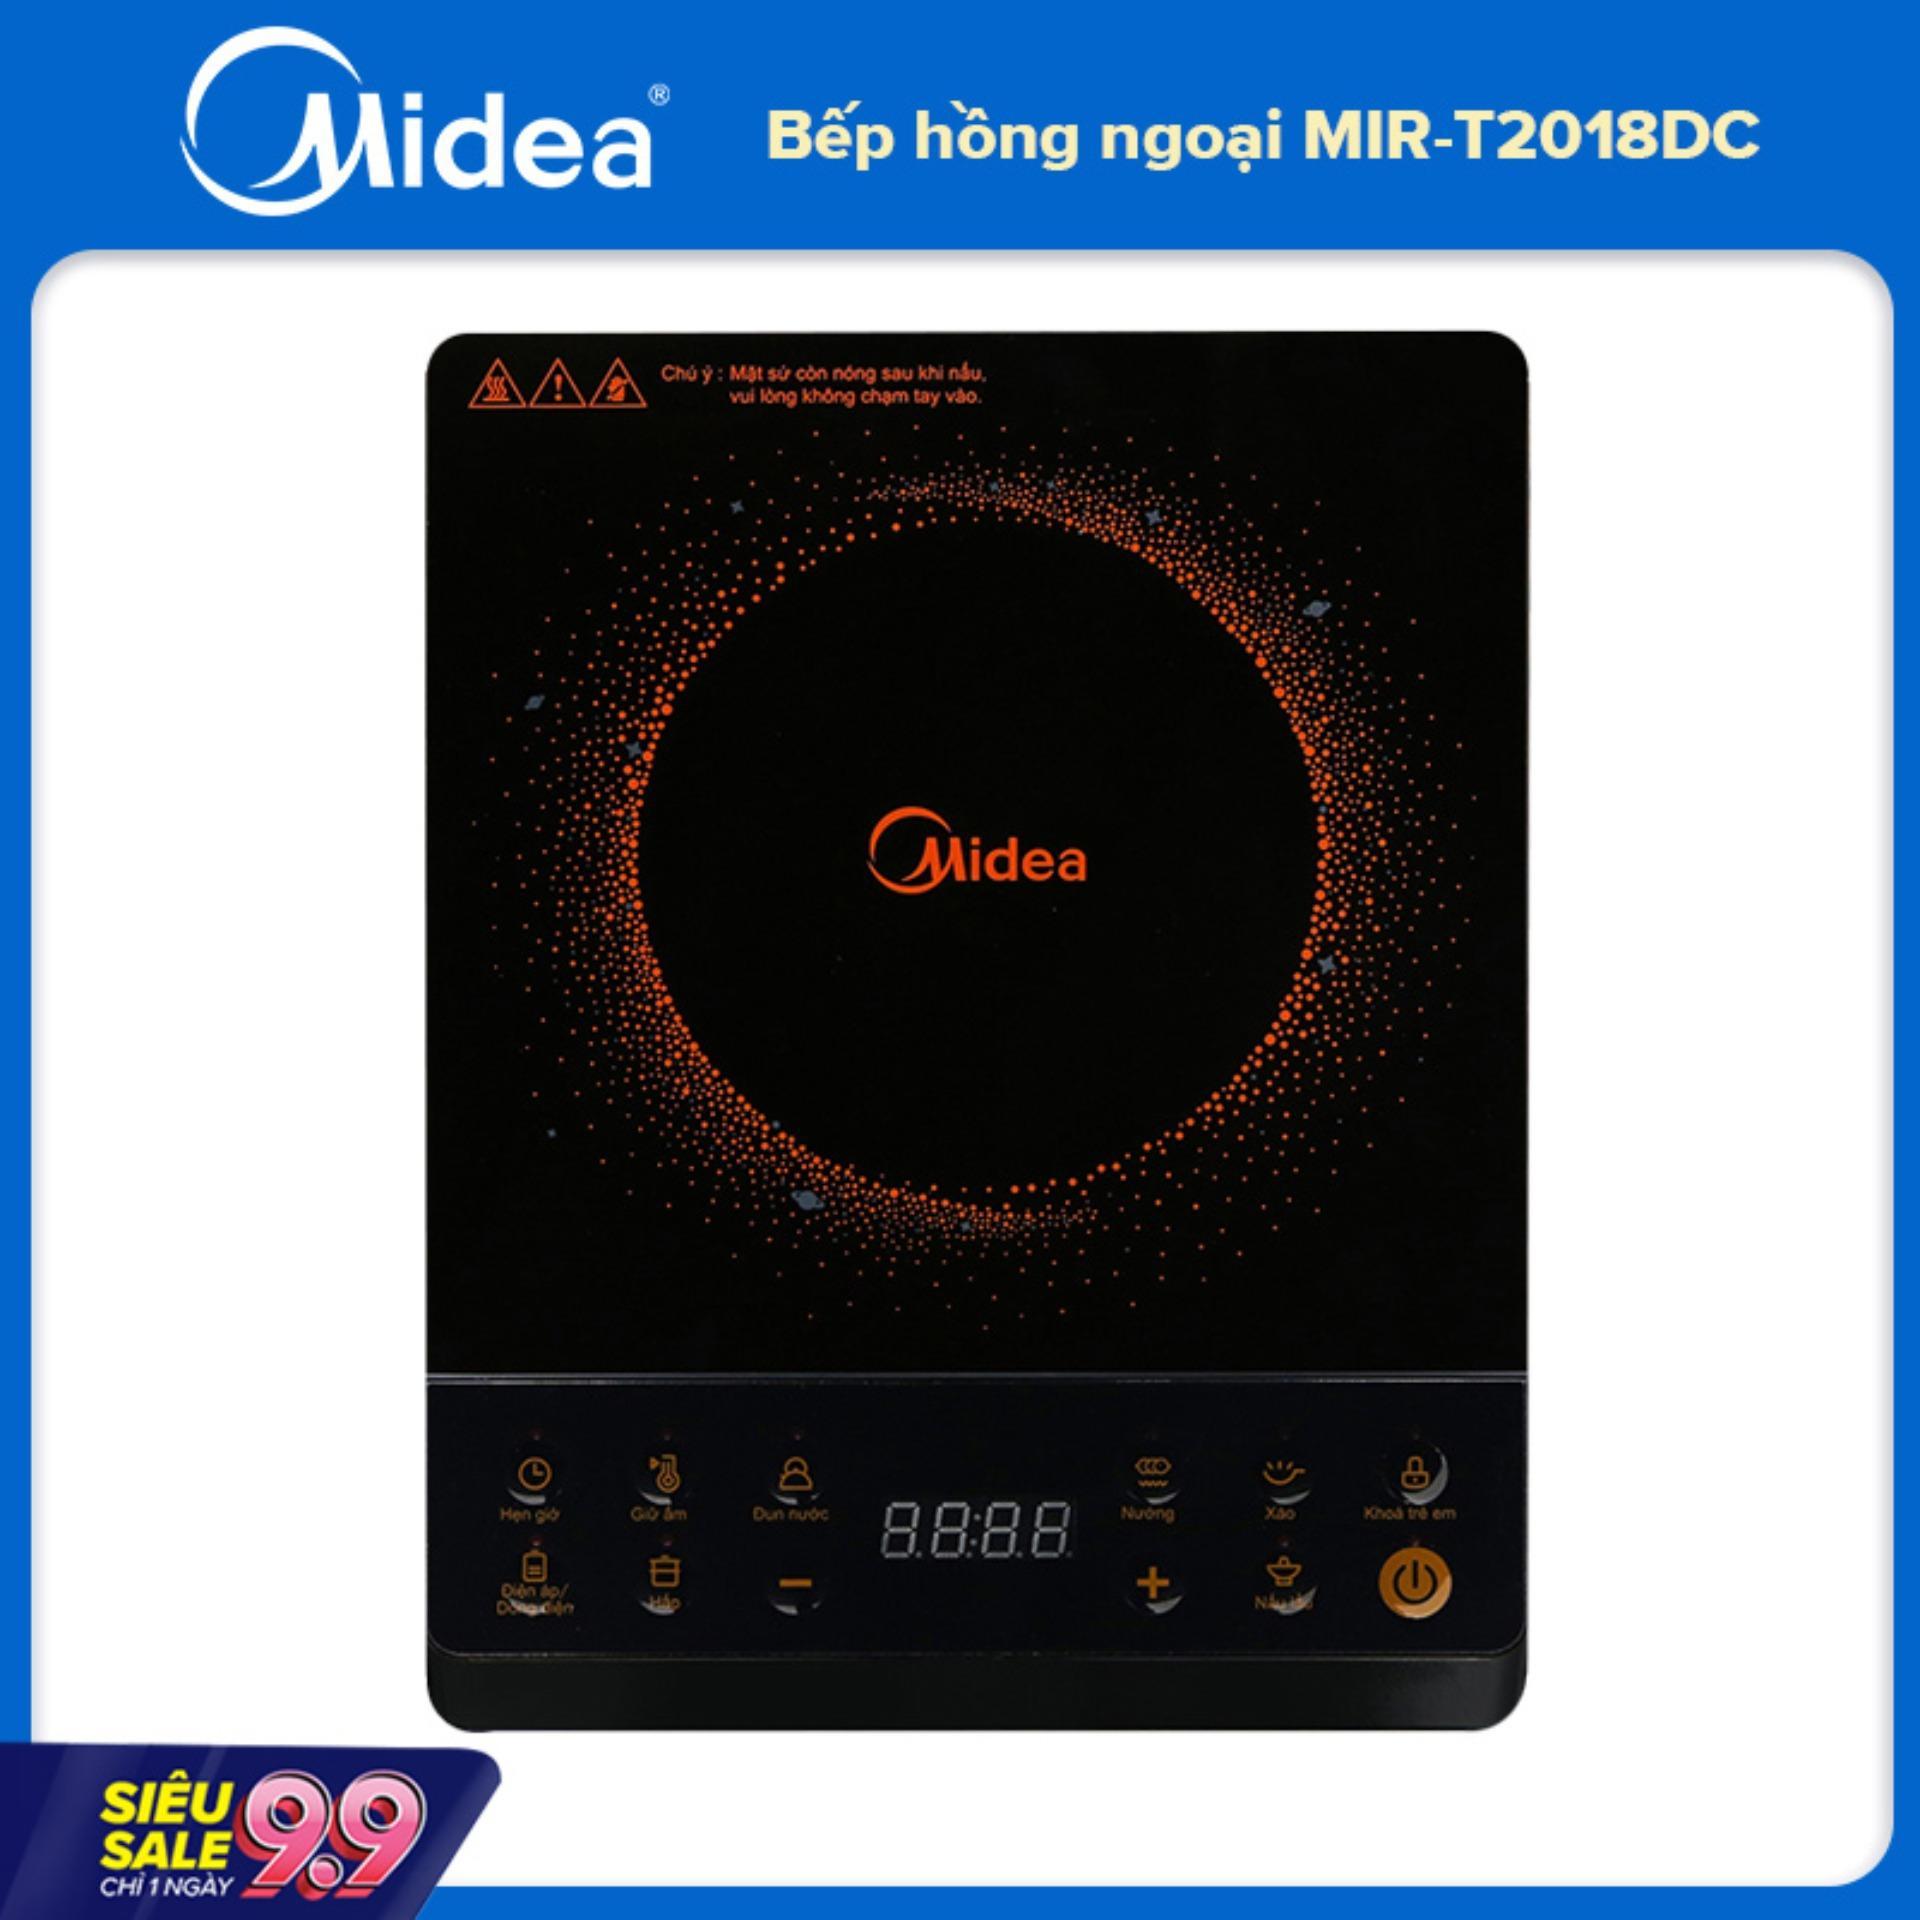 Giá Midea bếp hồng ngoại cơ MIR-B2018DG